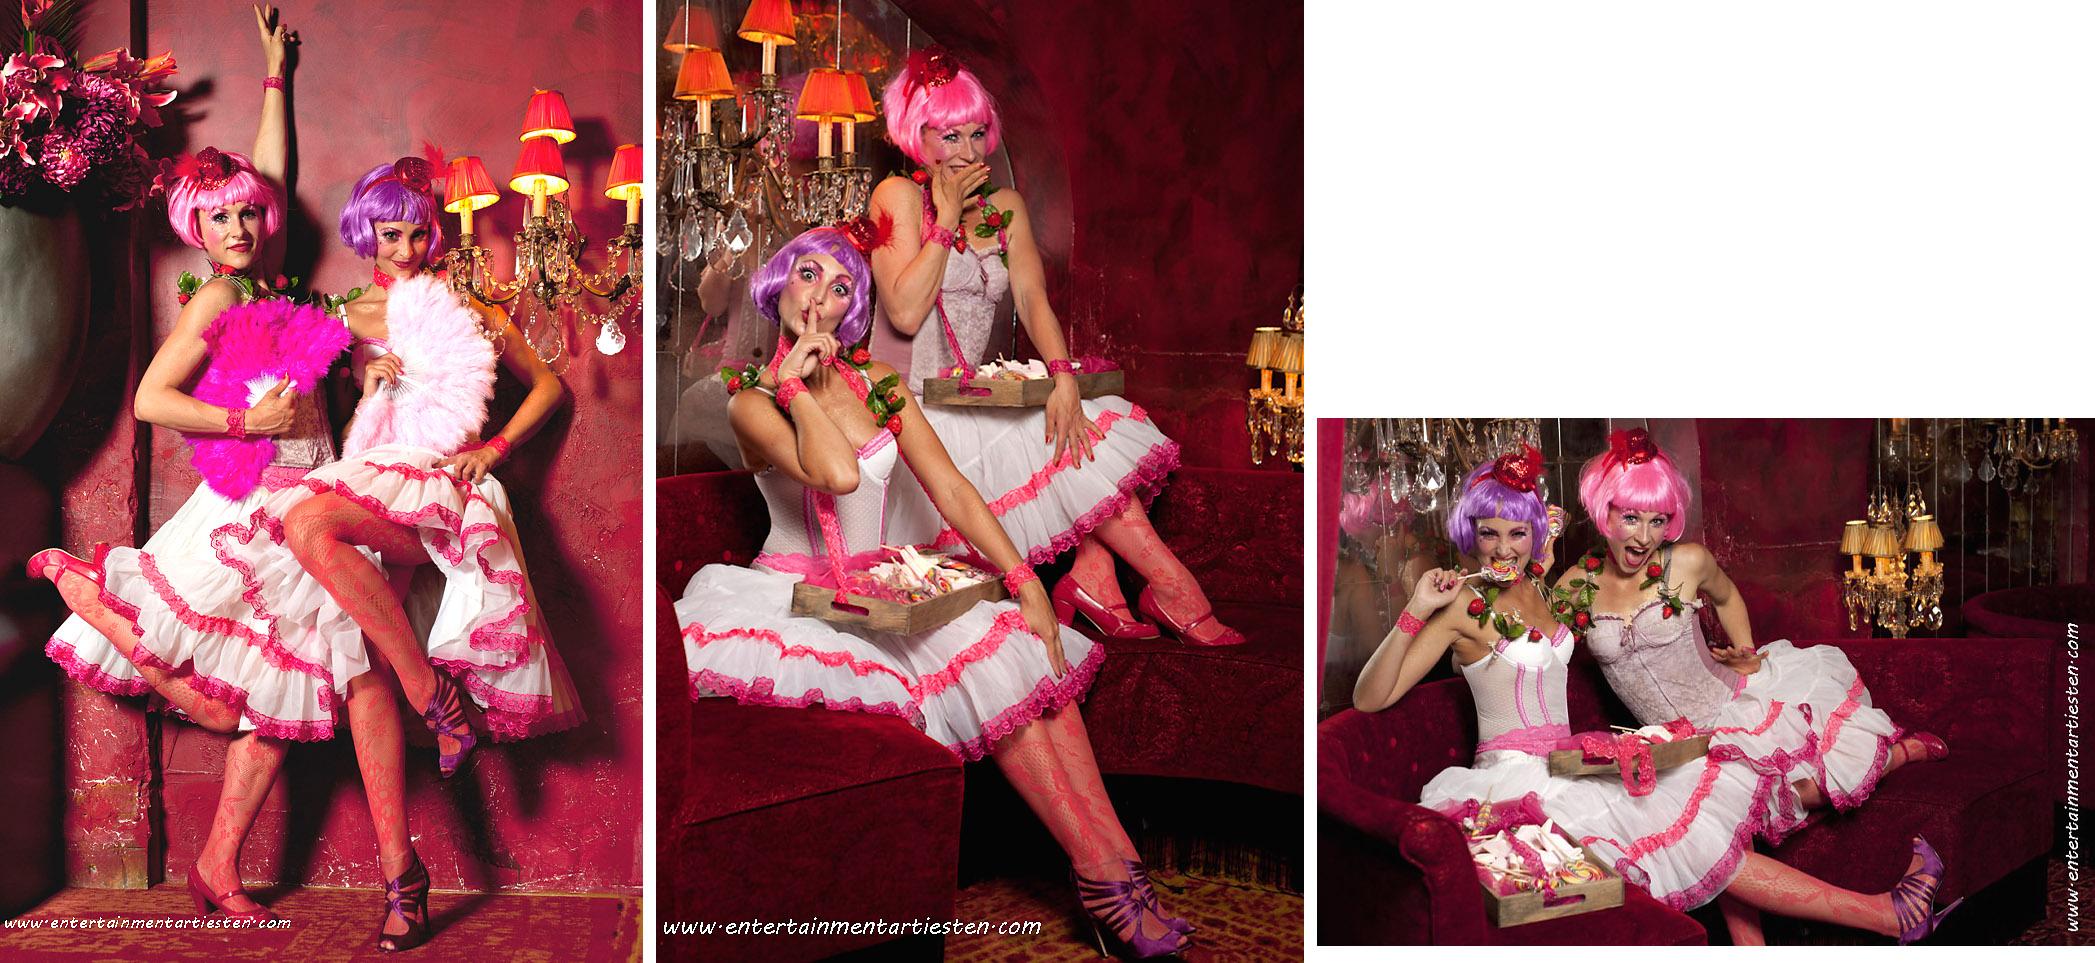 De actrices van de Zoete Inval, het uitdelen van humor, snoepjes, hapjes, fraai gekostumeerd Culinair Entertainment c.q. Catering act, horeca act, Beurs & Promotie acts, Govers Evenementen, www.goversartiesten.nl